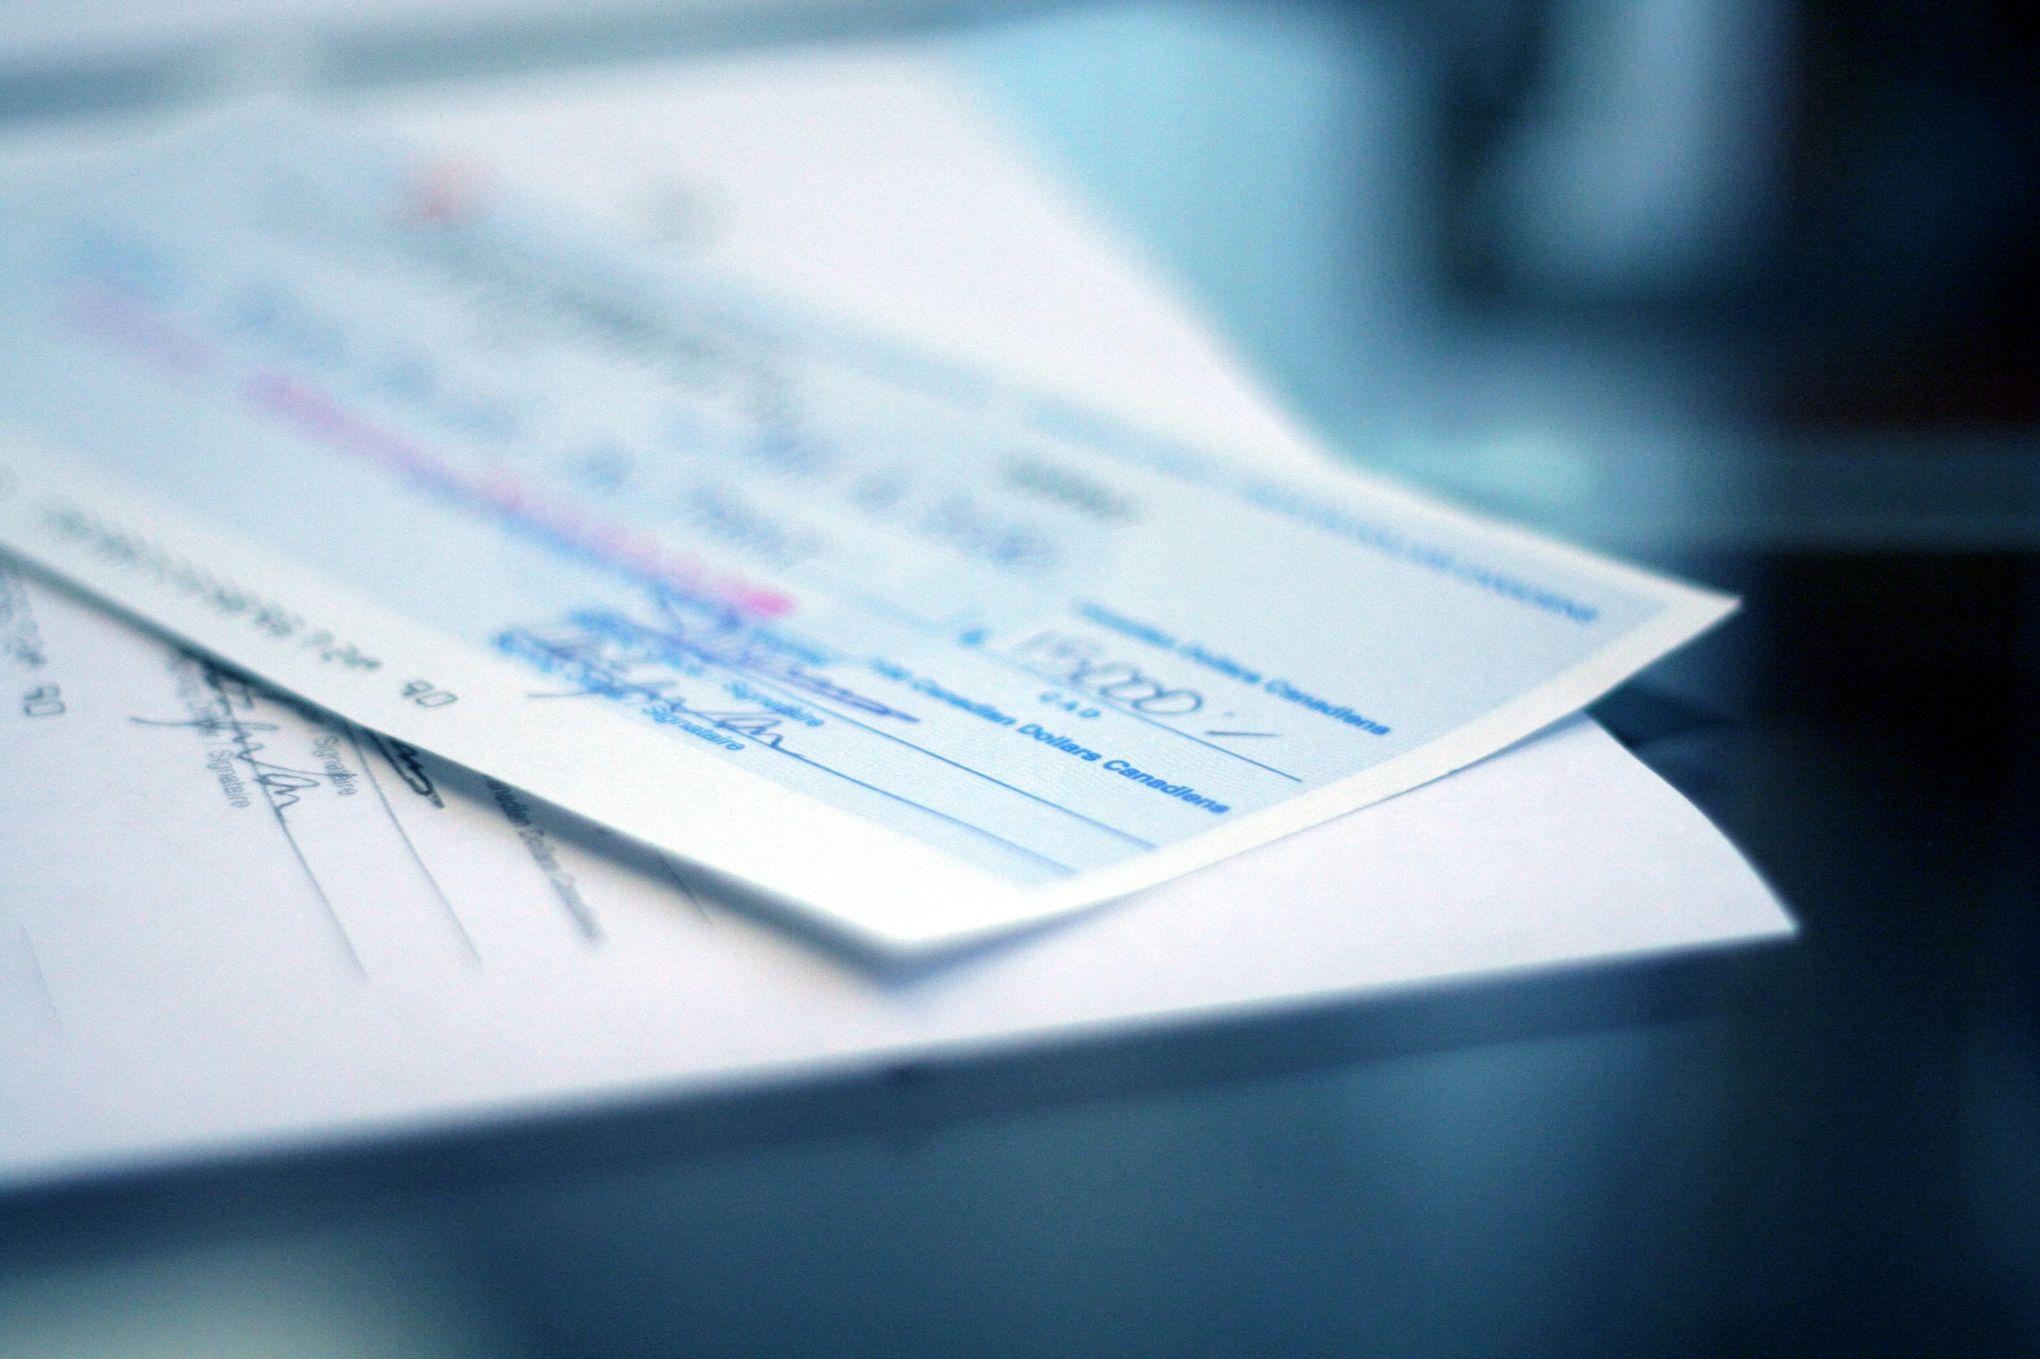 La restitution du dépôt de garantie